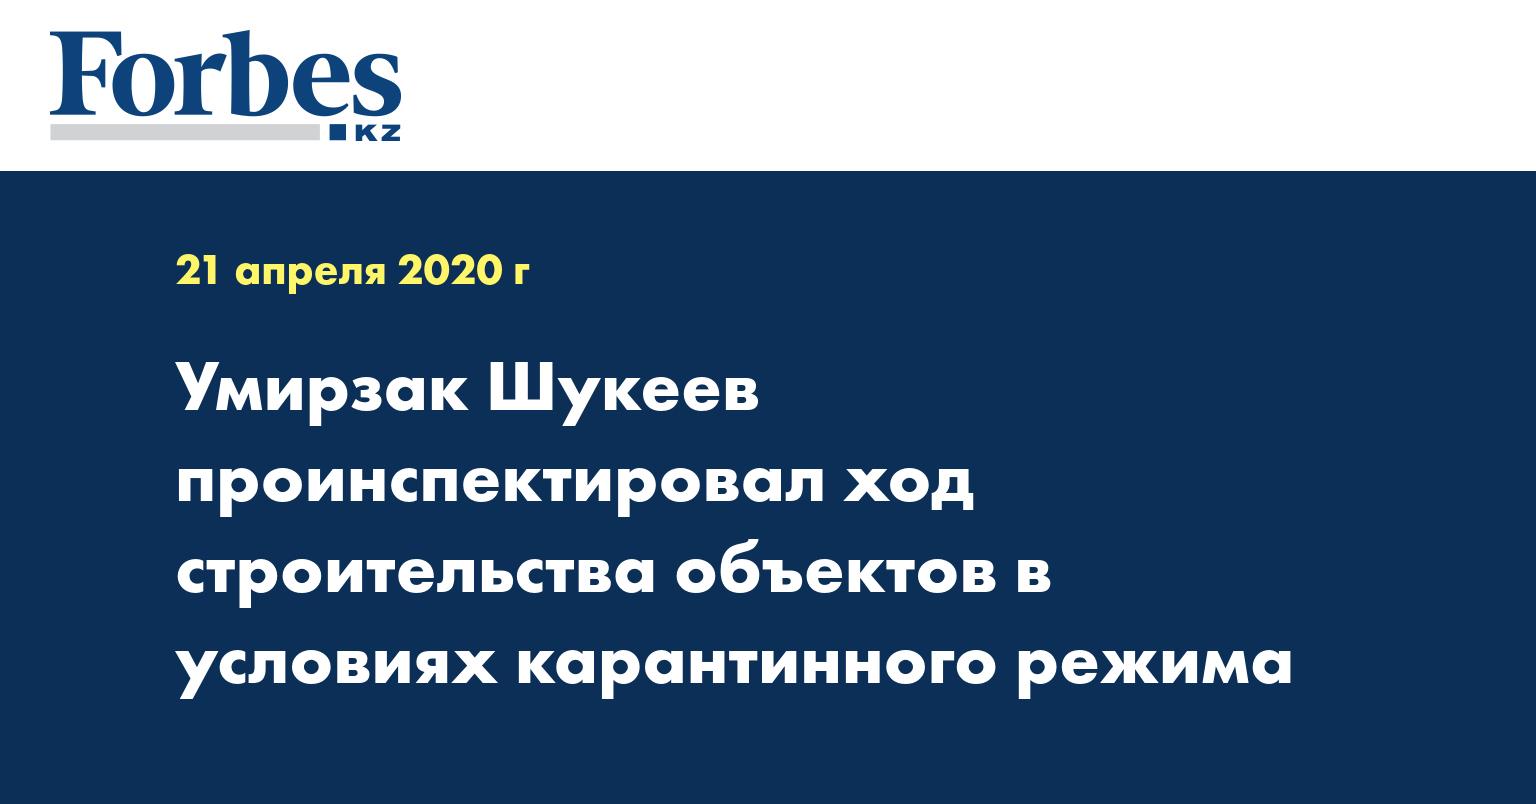 Умирзак Шукеев проинспектировал ход строительства объектов в условиях карантинного режима